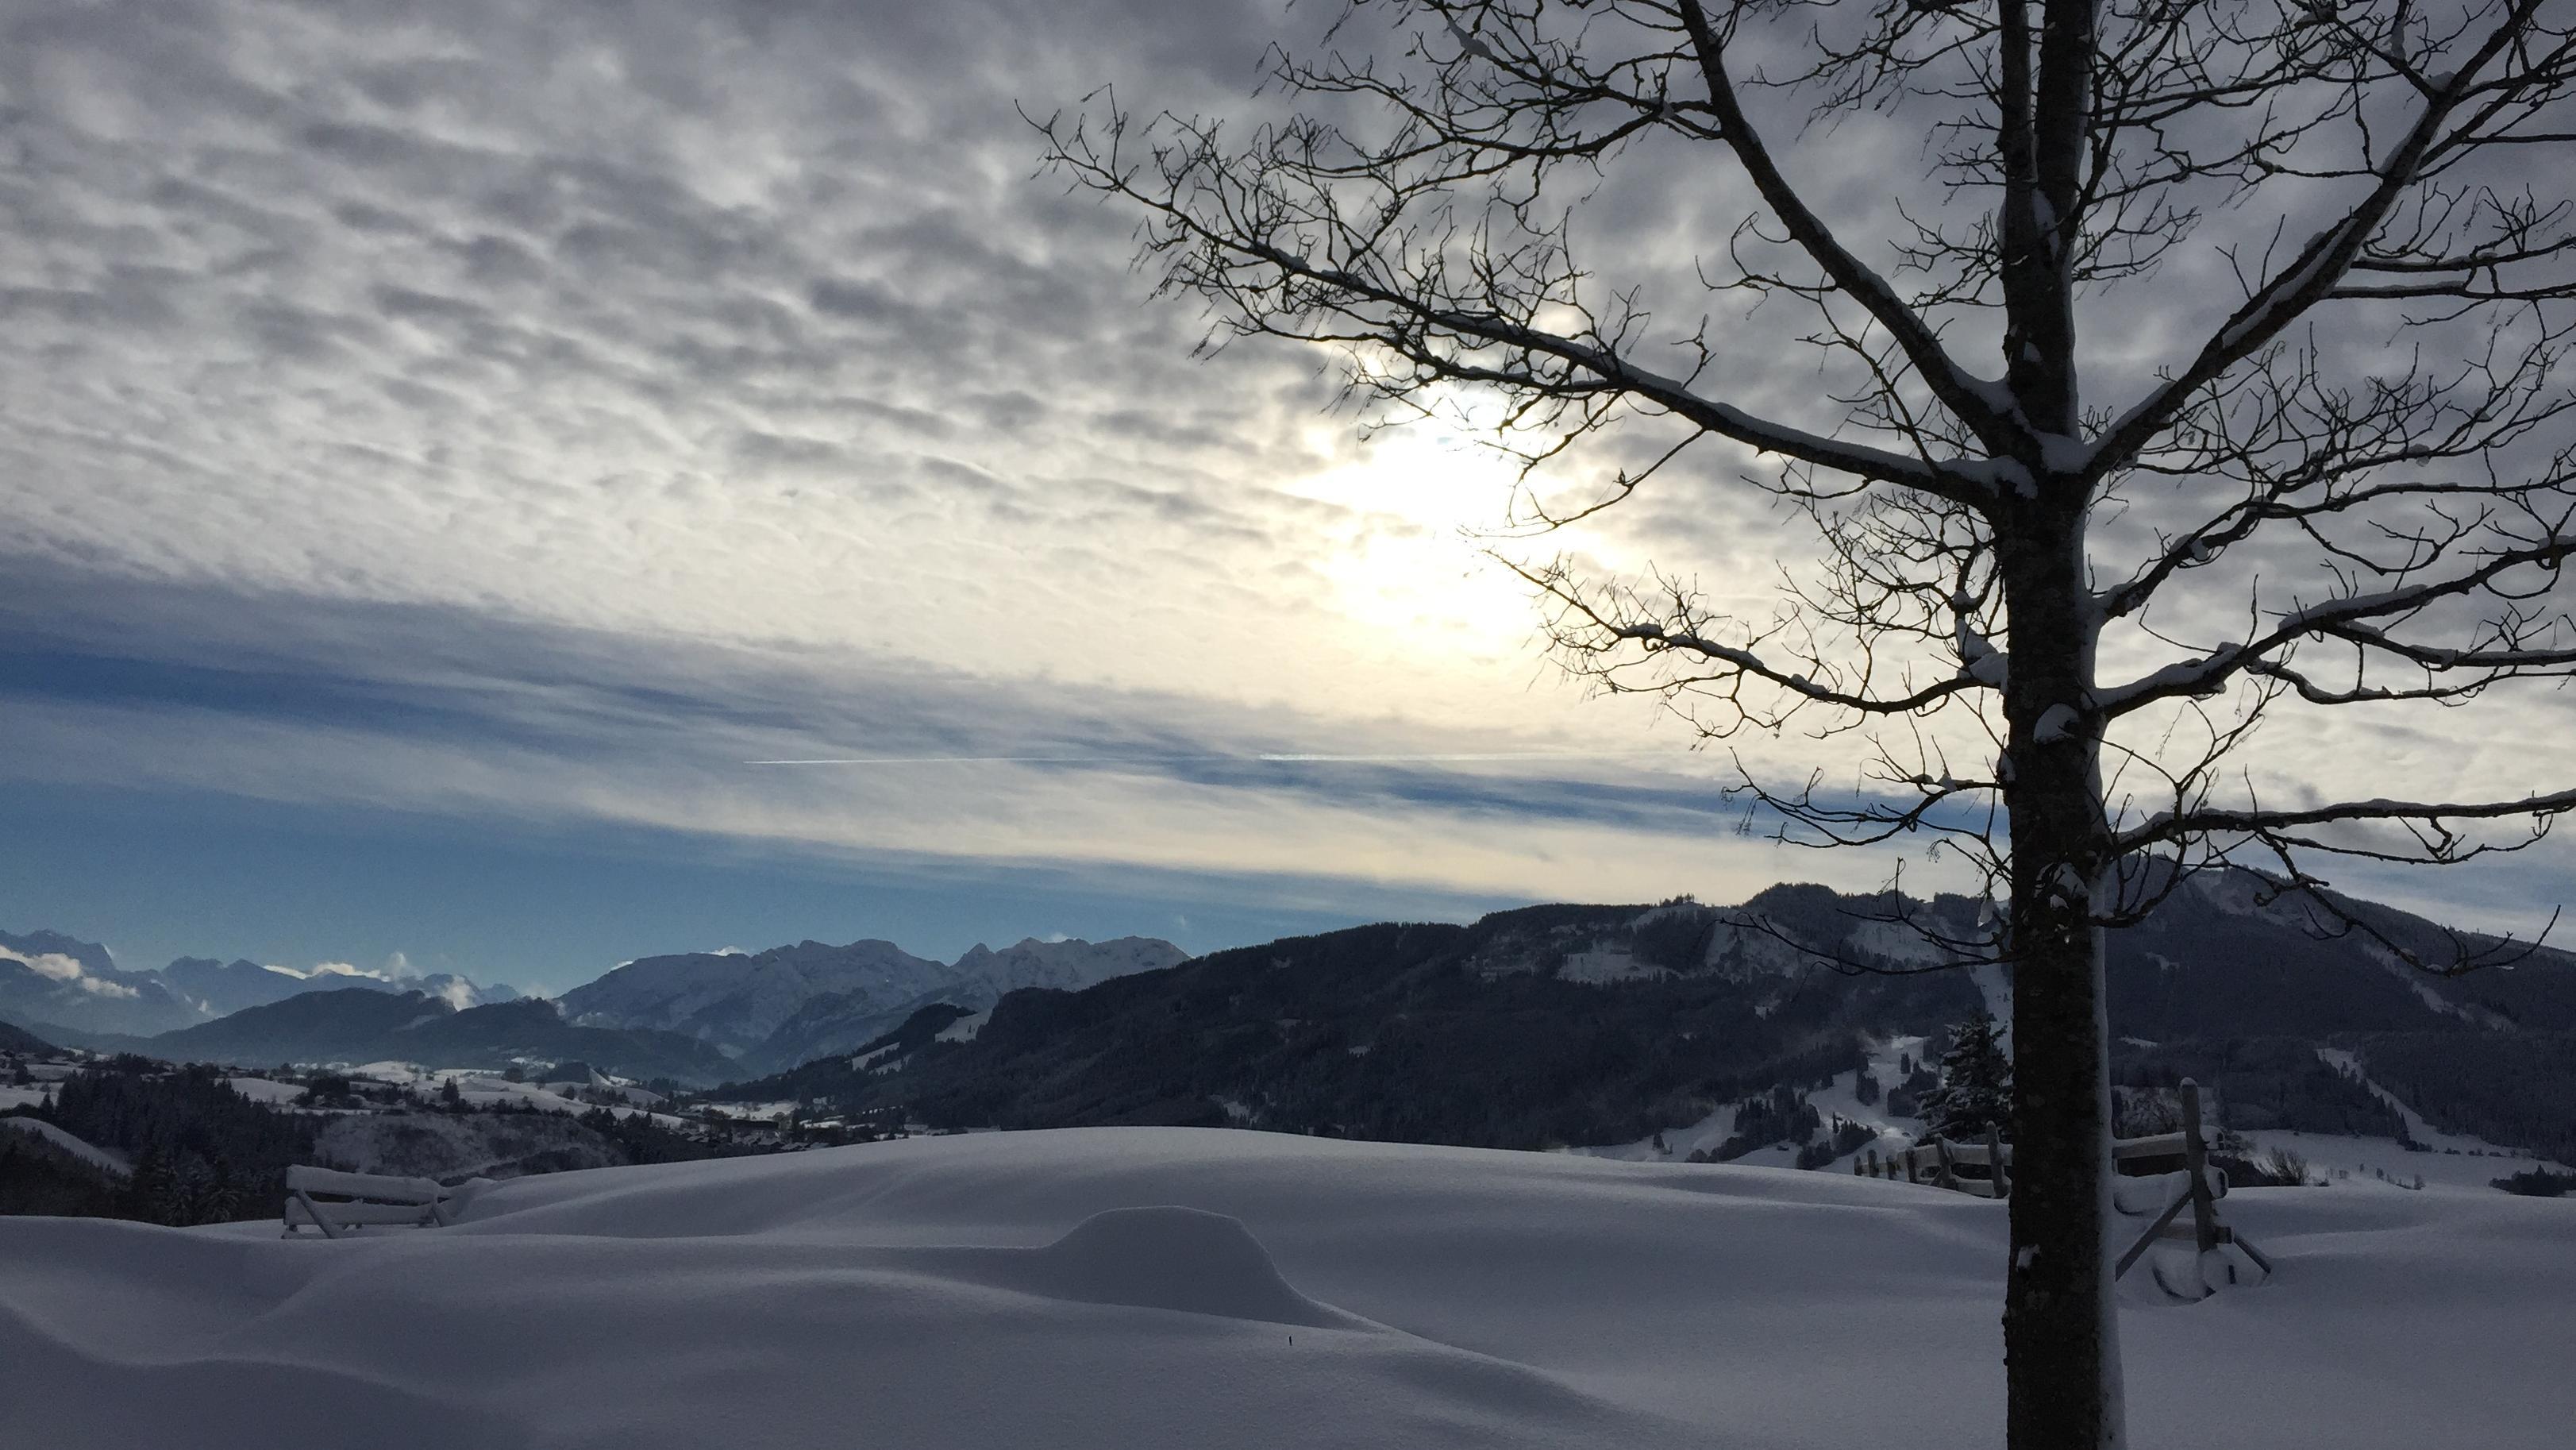 Blick von der Schnakenhöhe bei Maria Rain, Gemeinde Oy-Mittelberg (Lkr. Oberallgäu) Richtung Alpspitze und östliche Allgäuer Alpen